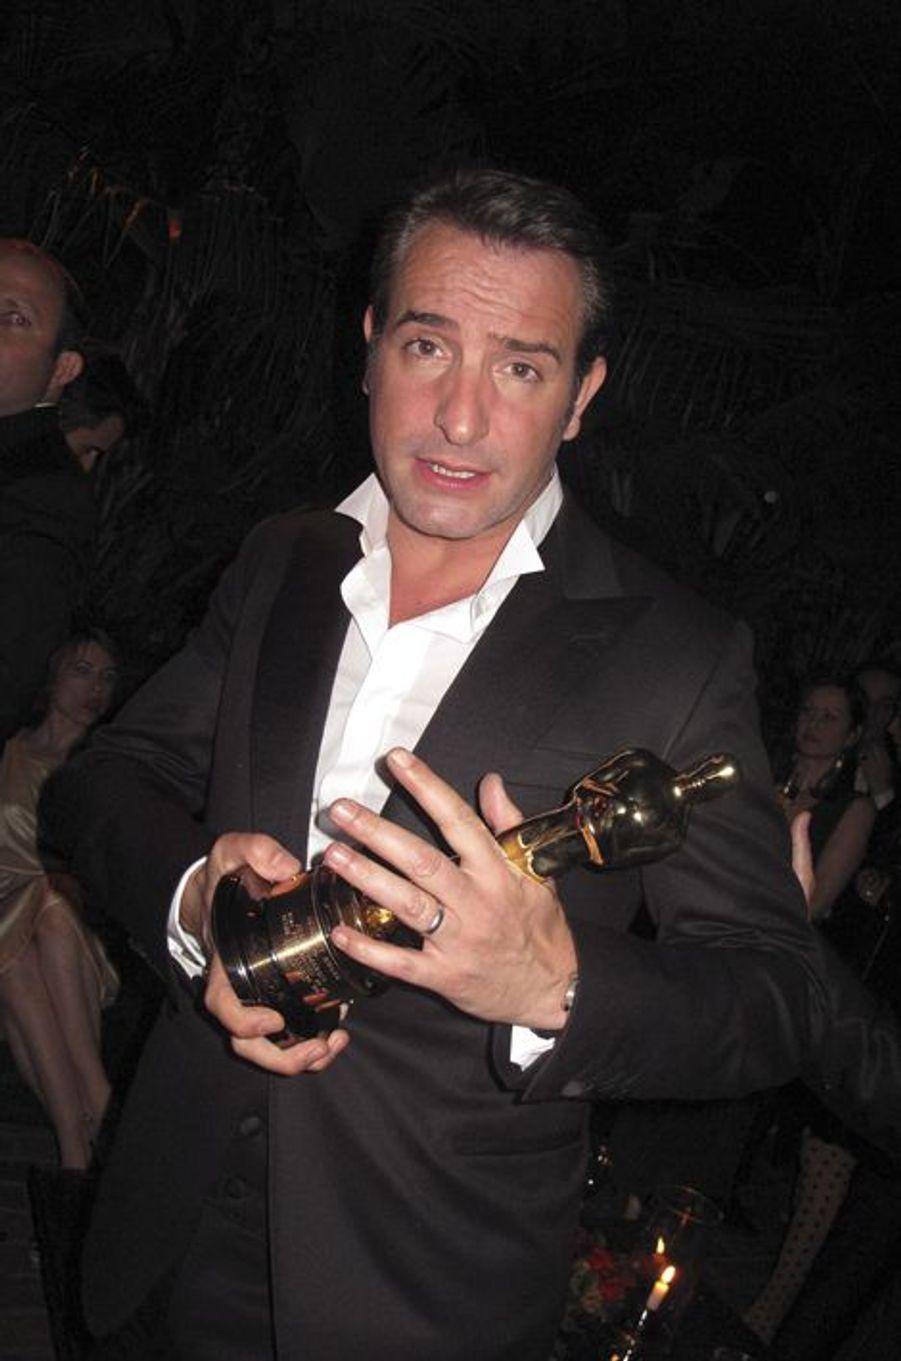 """Jean Dujardin dans les coulisses des Oscars avec son Oscar du Meilleur acteur pour """"The Artist"""", 2012"""